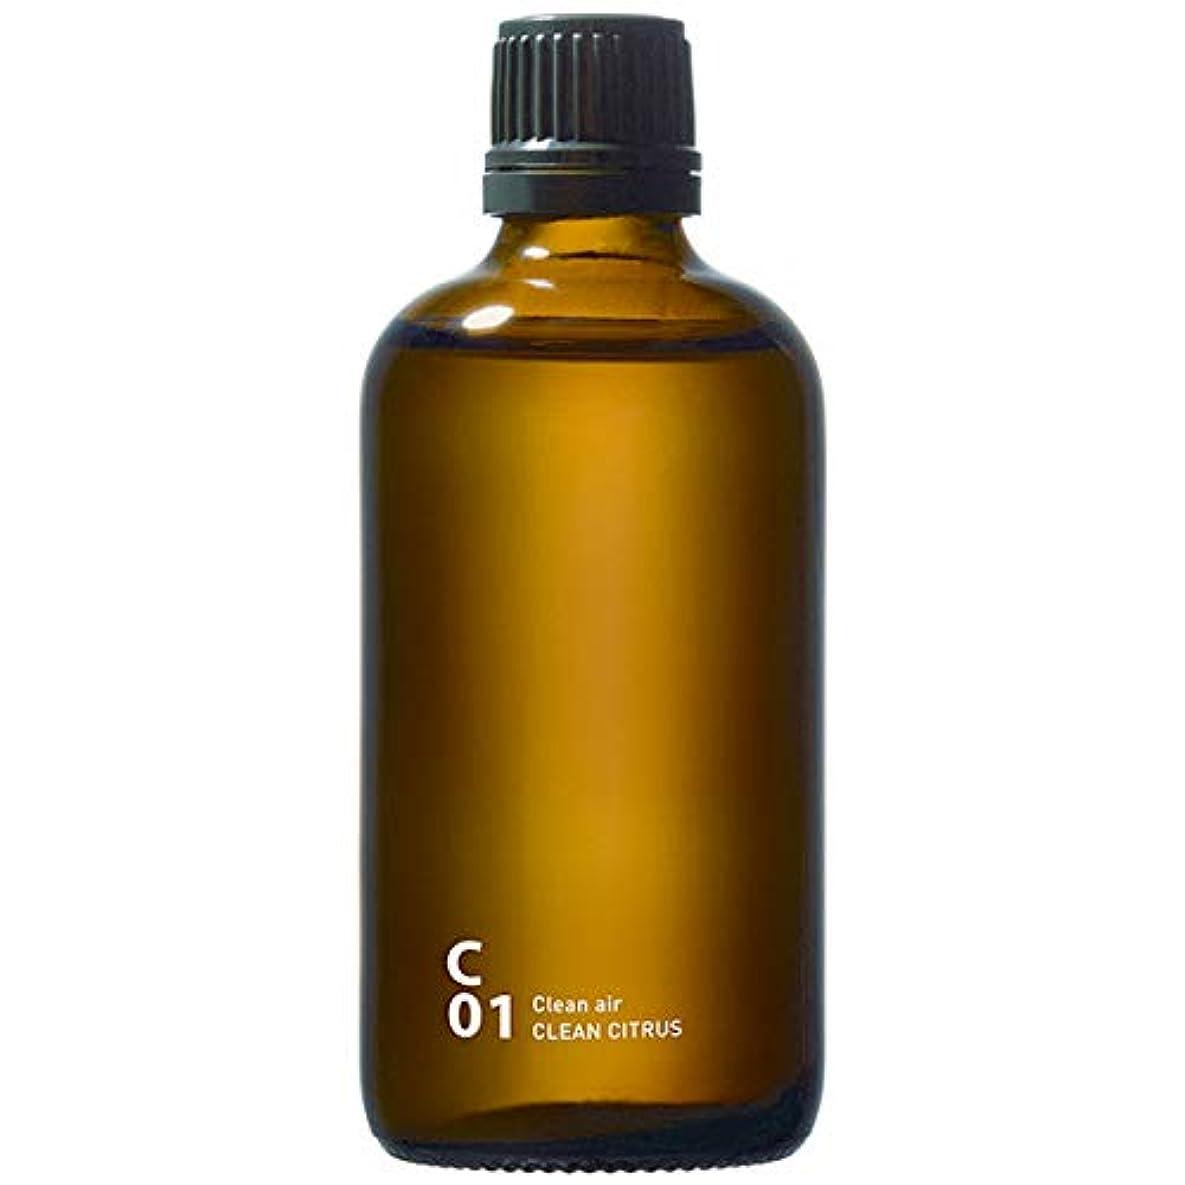 抽出マイク起きろC01 CLEAN CITRUS piezo aroma oil 100ml